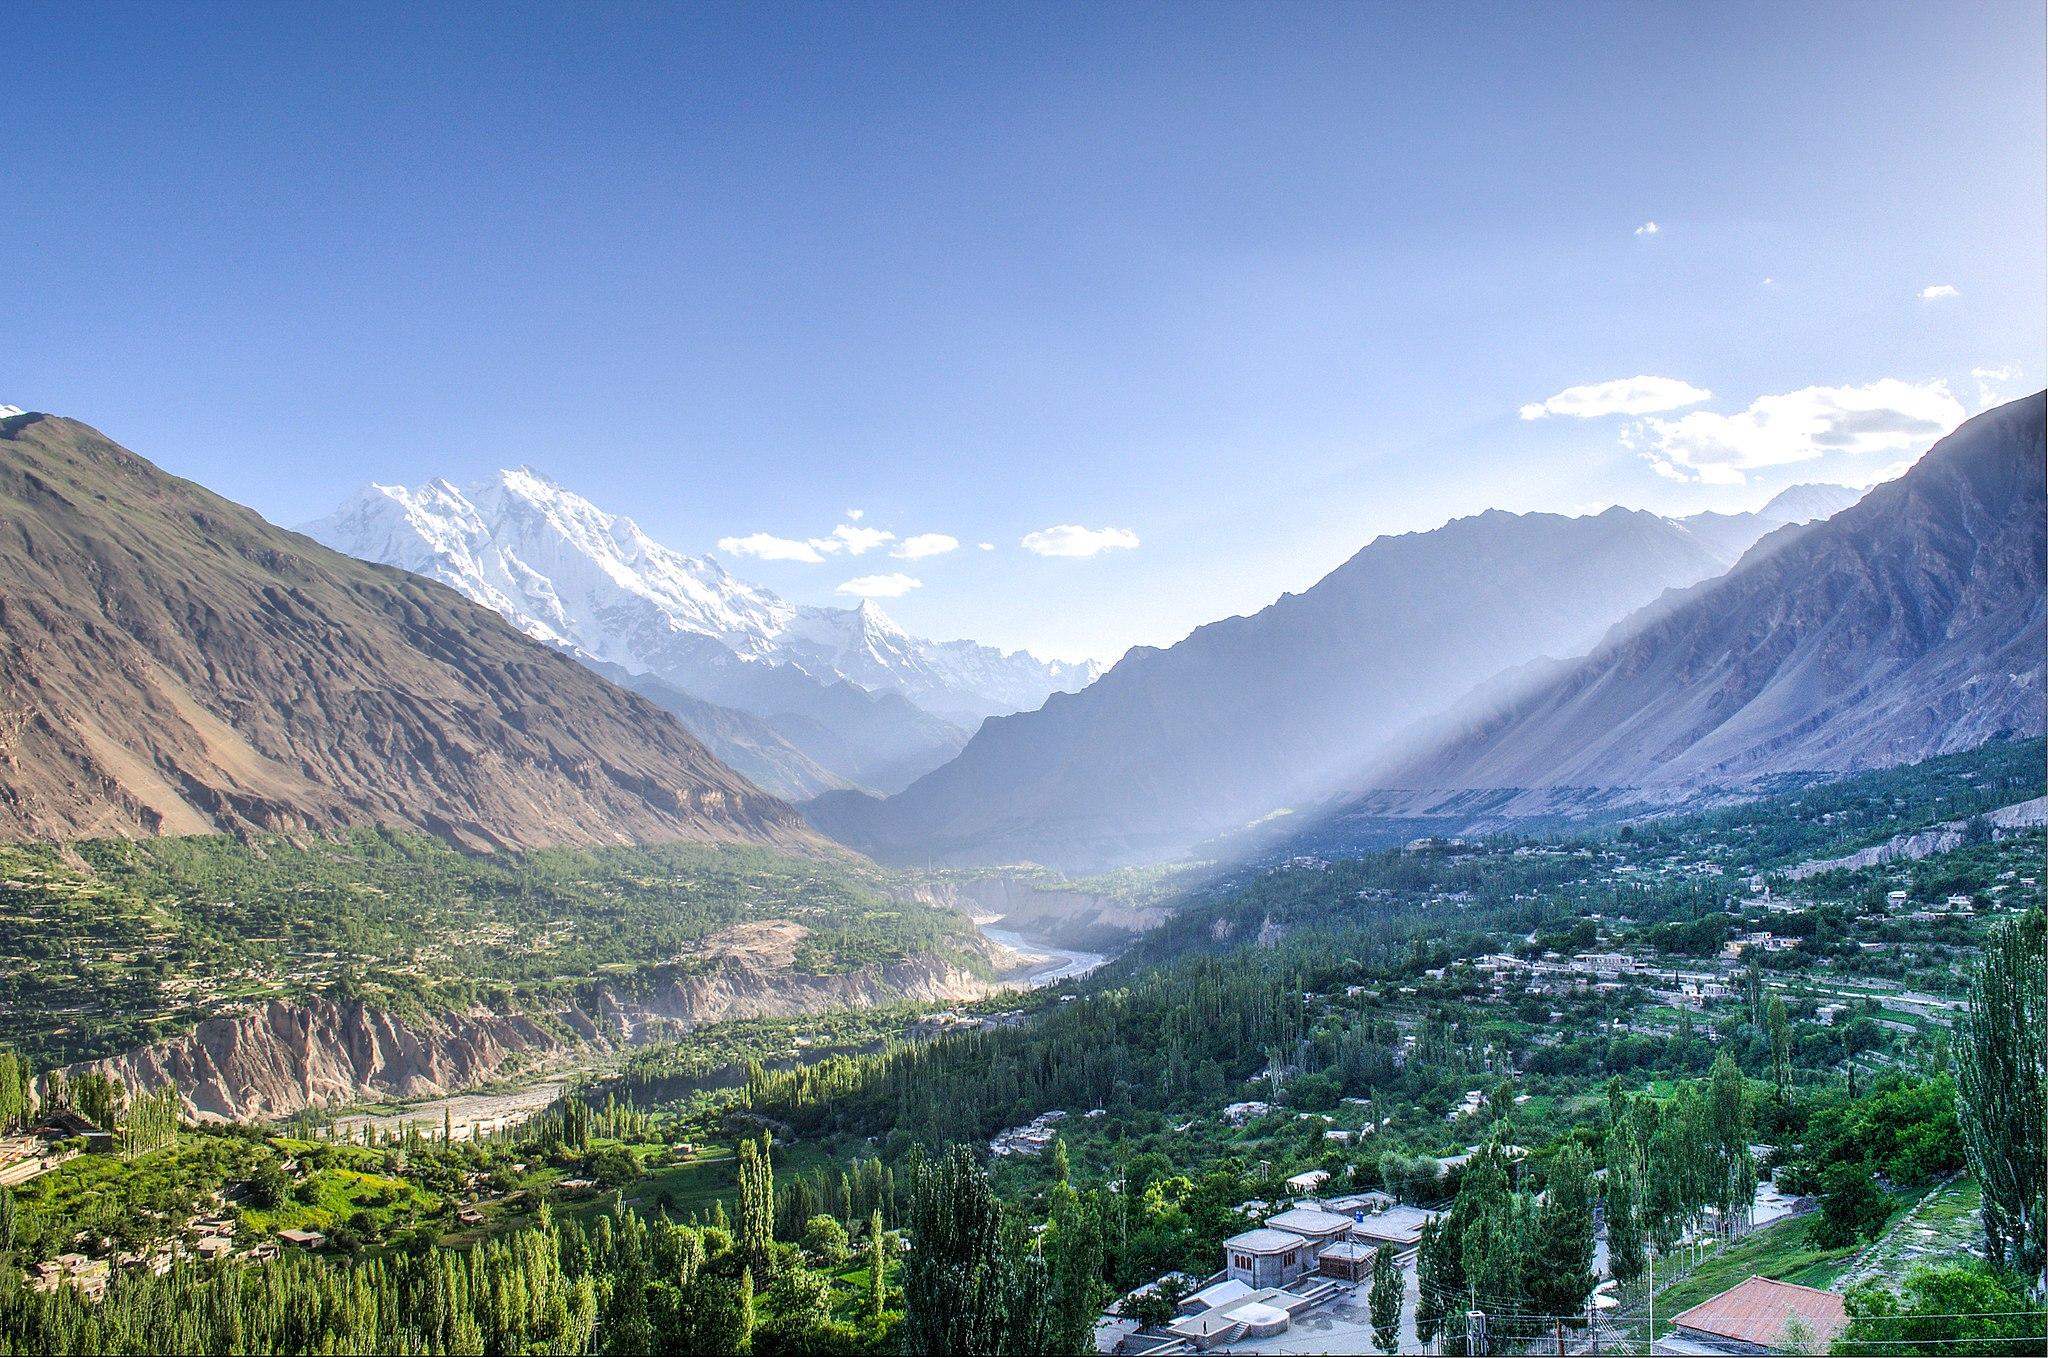 Pakistan Urlaub: Highlights, Sehenswürdigkeiten und die besten Tipps (inkl. Route)